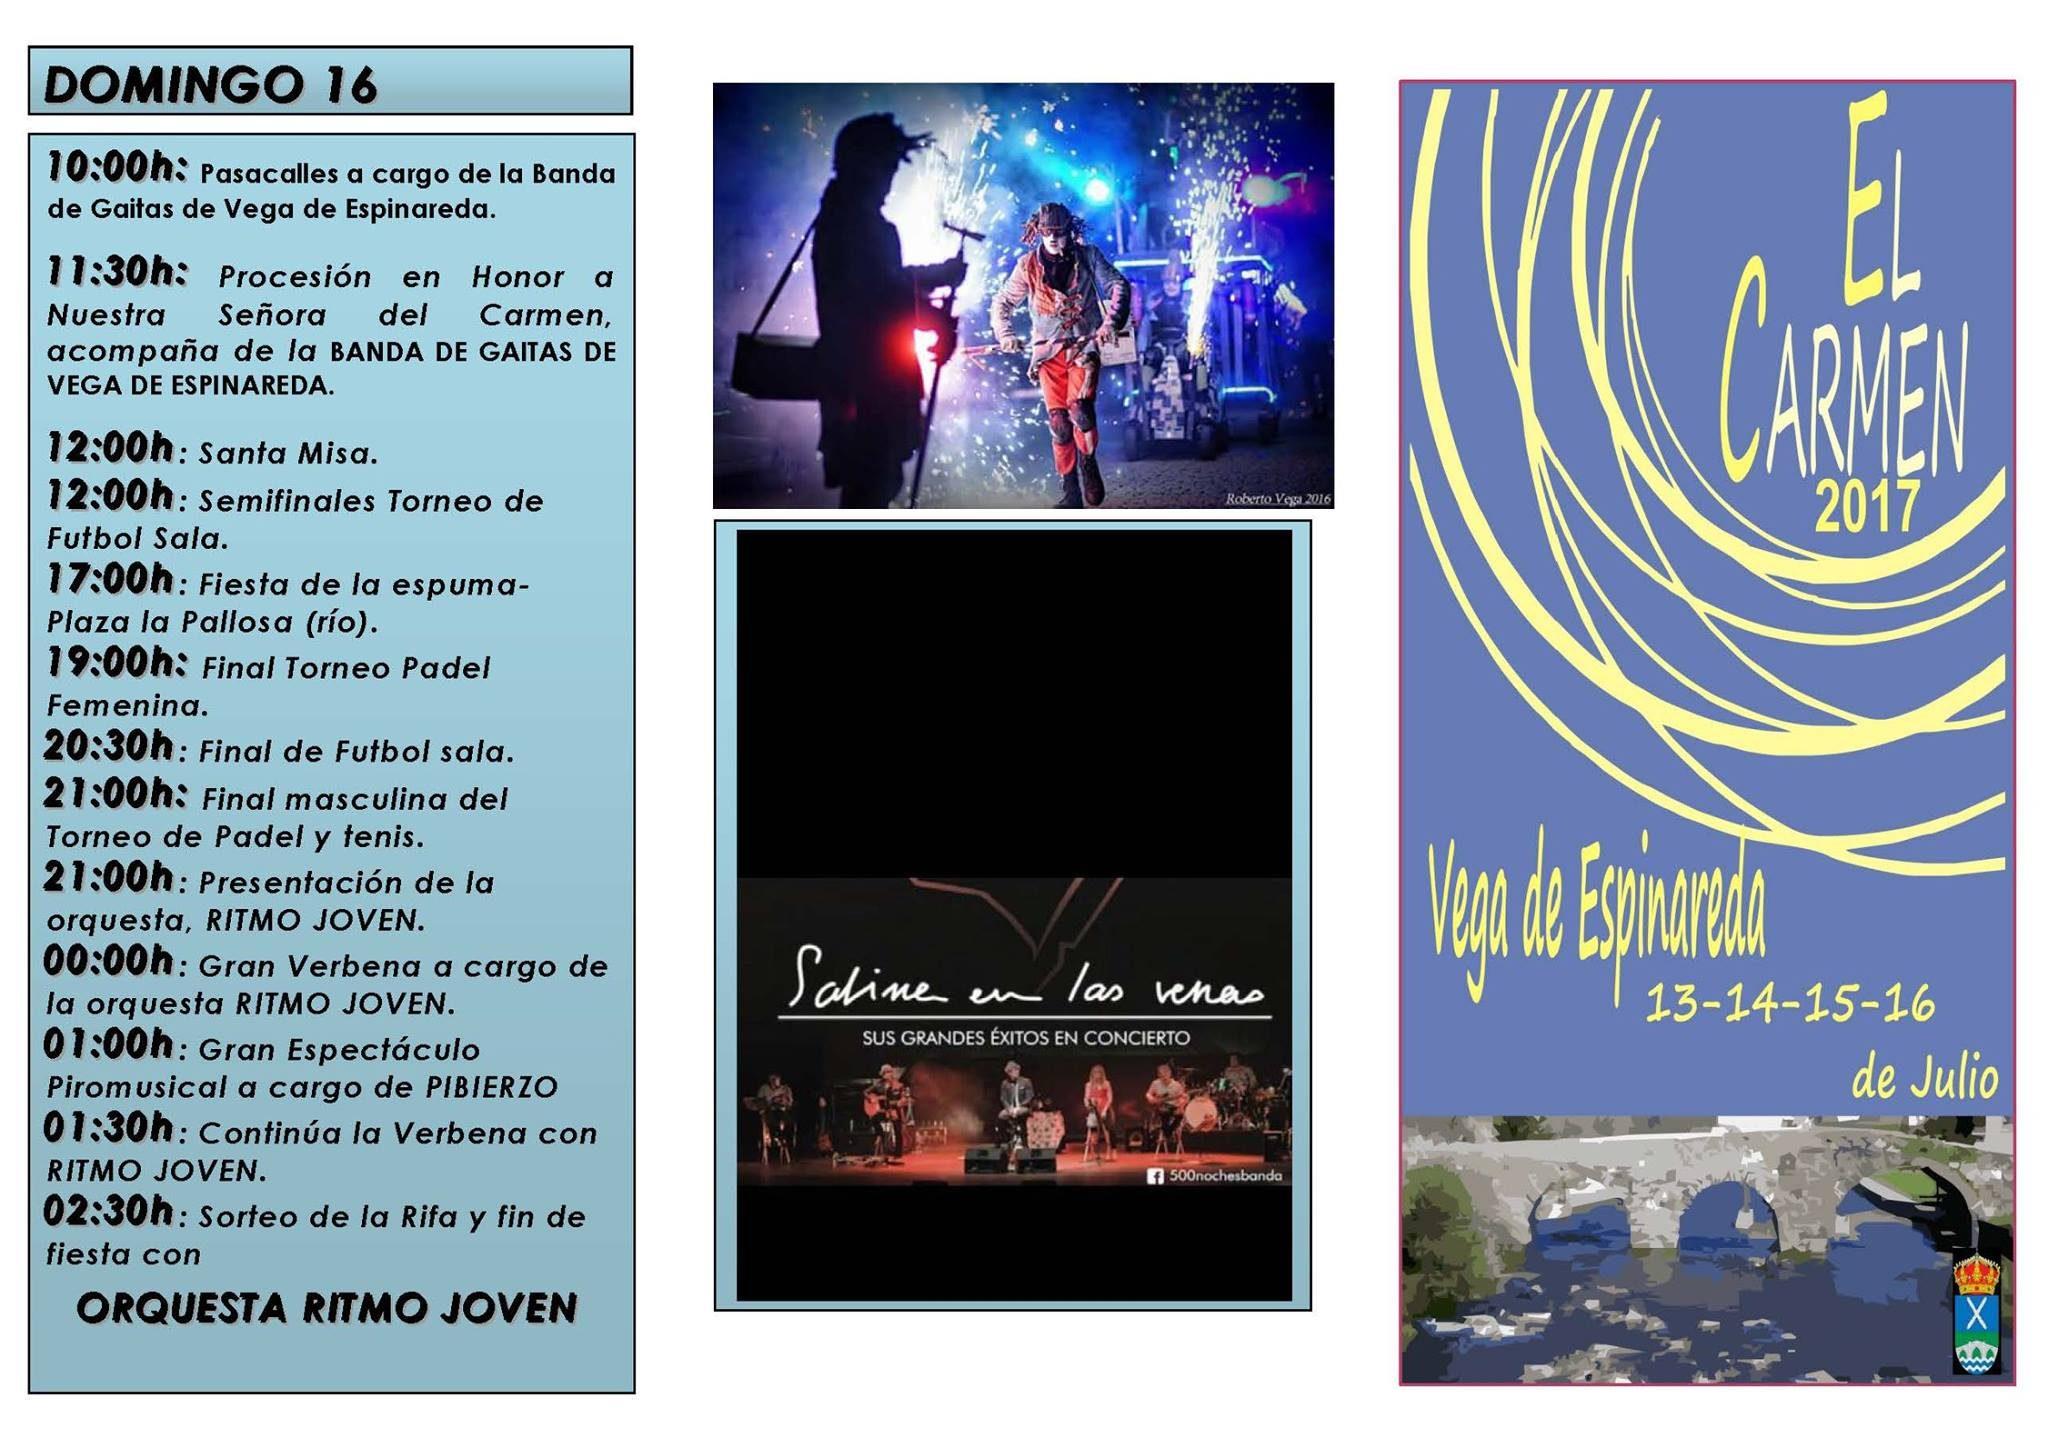 Fiestas del Carmen 2017 en Vega de Espinareda 4